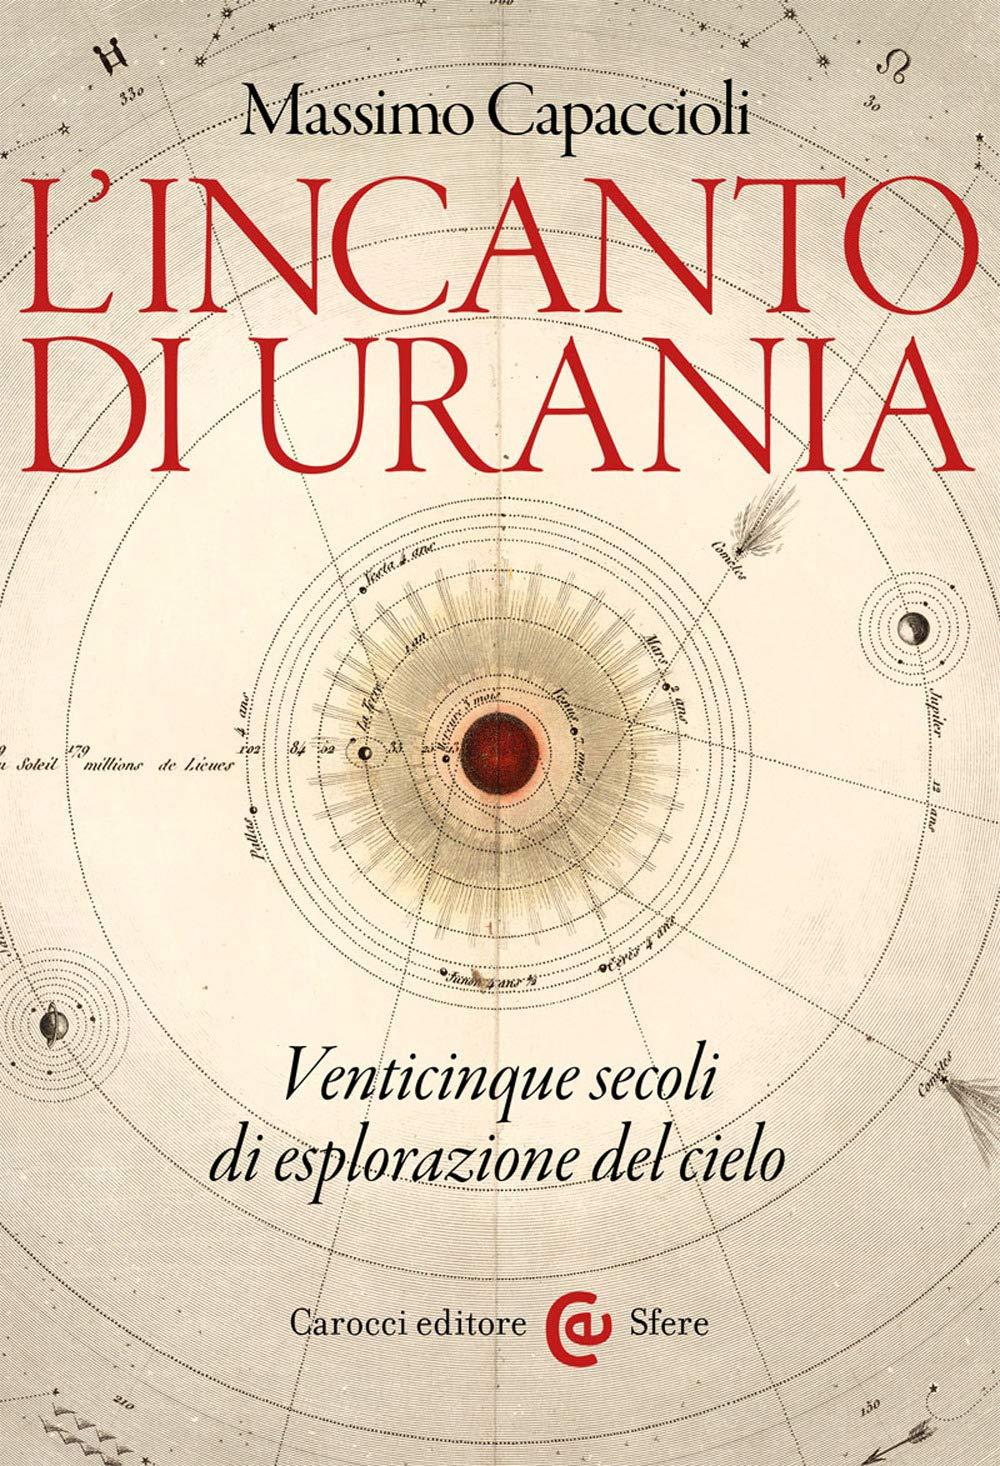 Recensione di L'Incanto Di Urania – Massimo Capaccioli